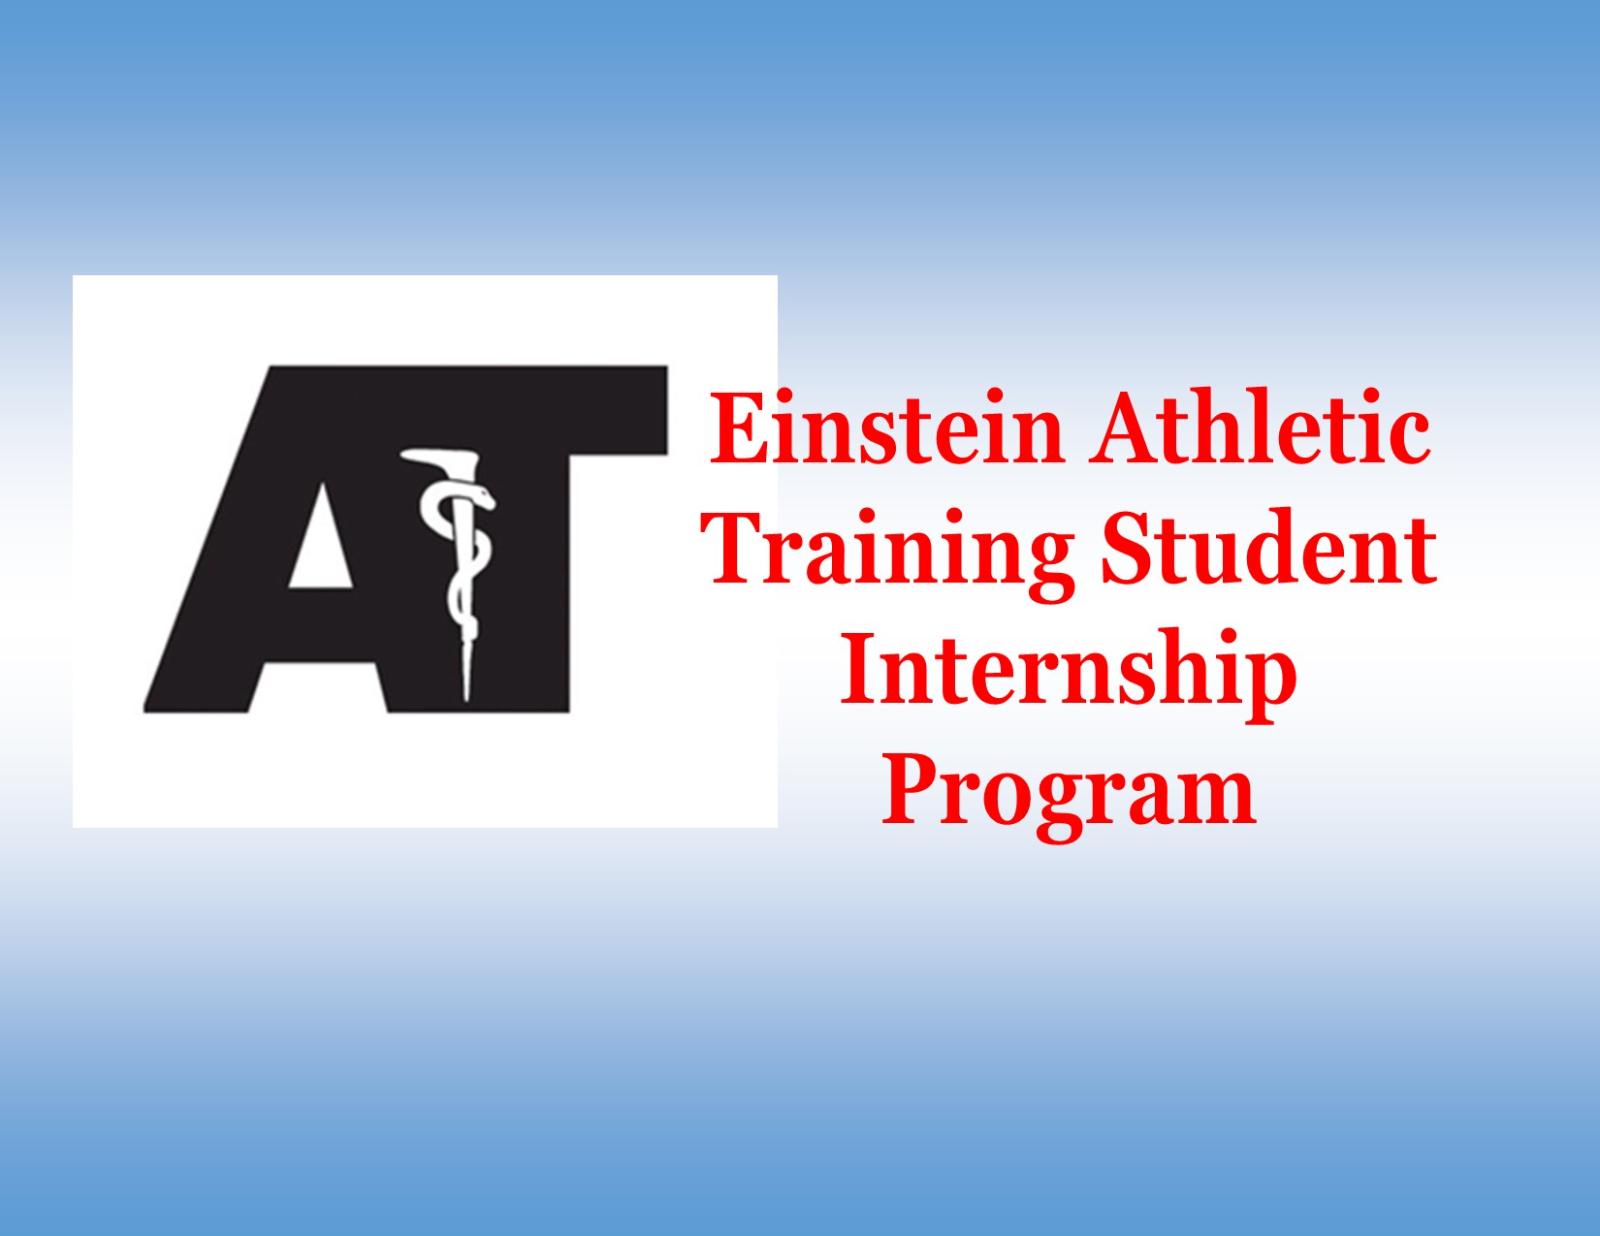 Einstein Athletic Training Student Internship Program